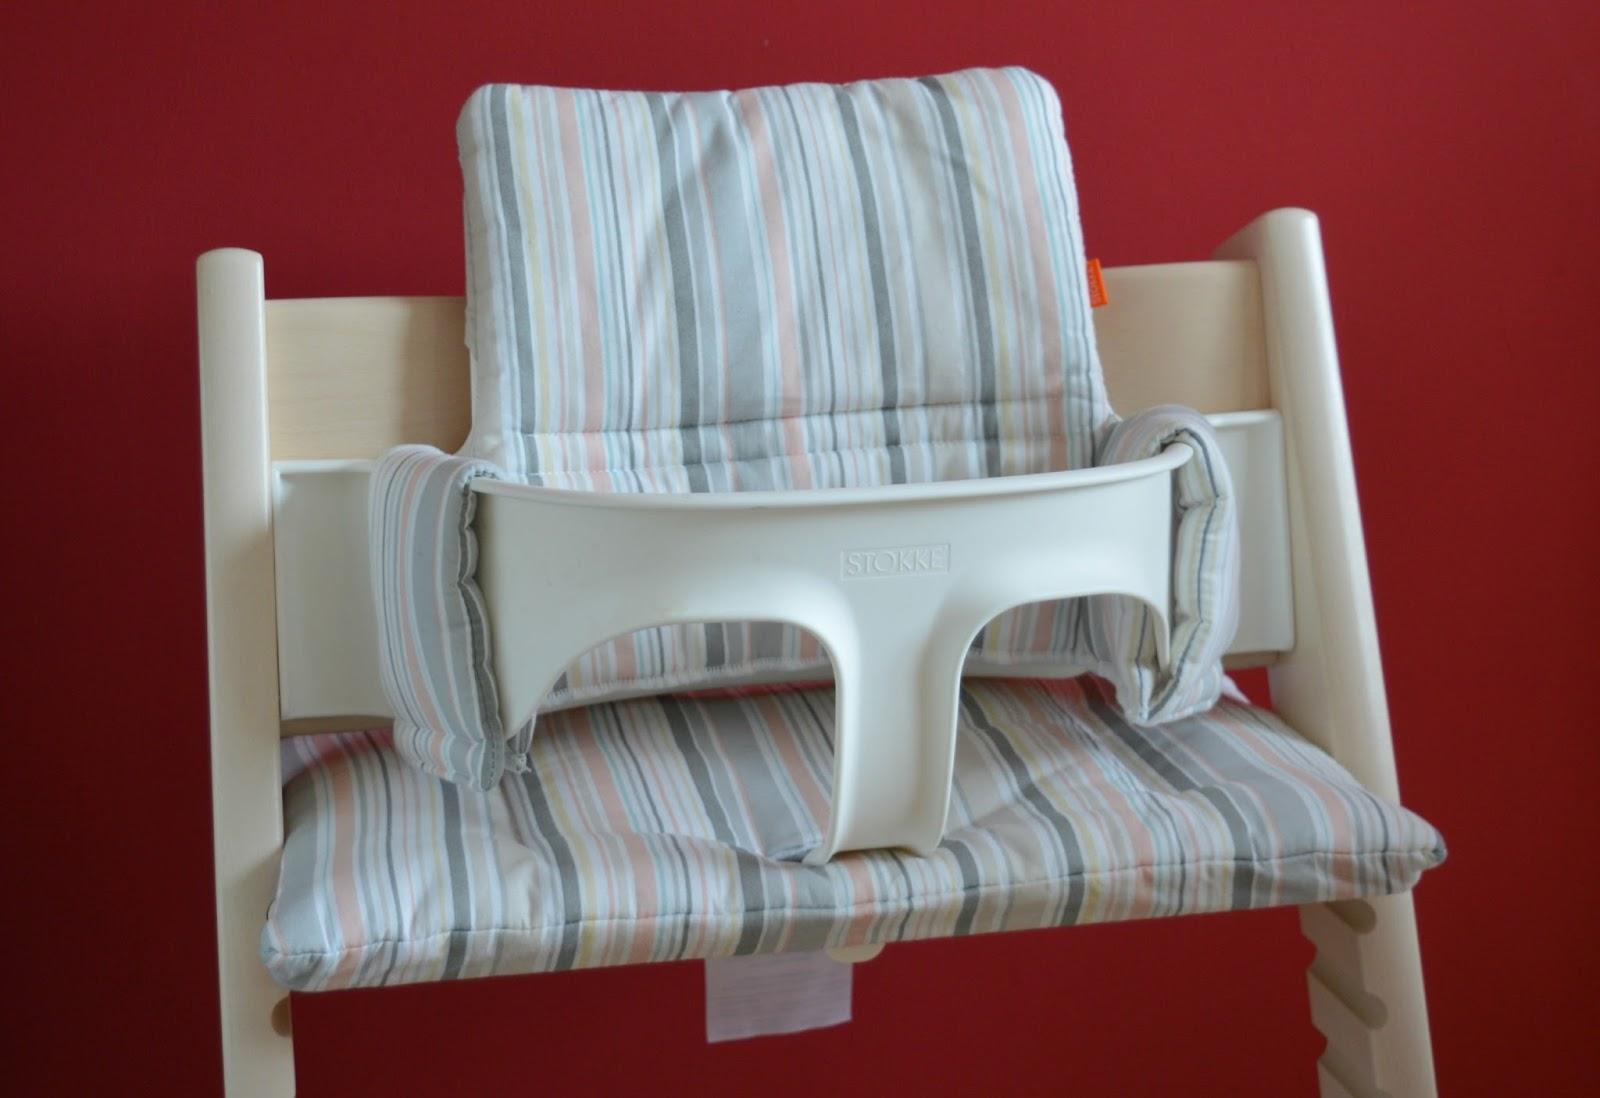 Stokke Chair Harness Boppy Baby Elephant Walk Gray Tripp Trapp Review  Dolly Dowsie